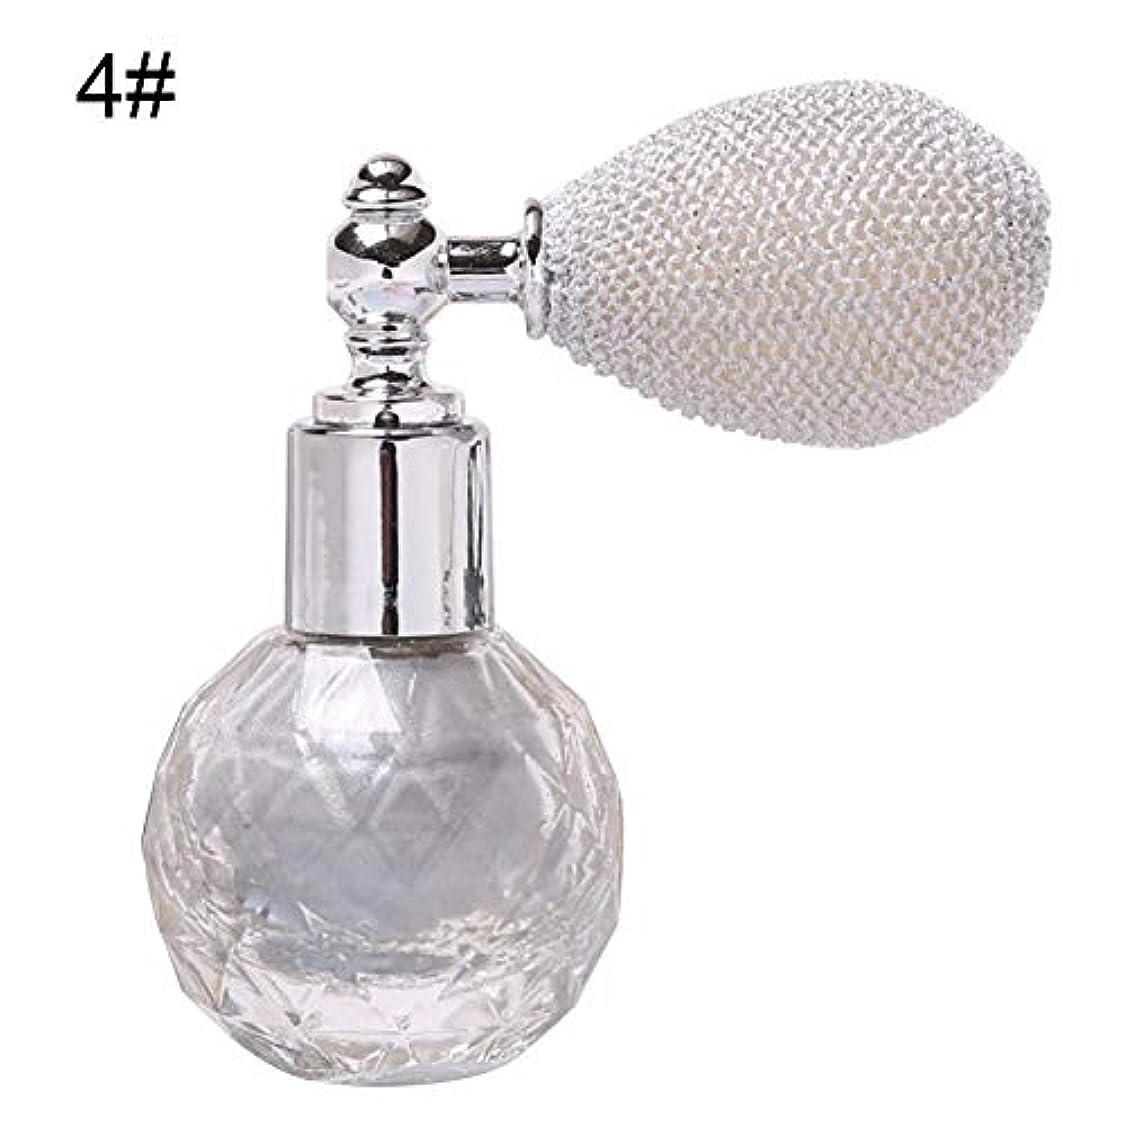 子音相対サイズ忌避剤Ragem グリッターパウダー スプレー 式 香水味 顔/ボディ/ヘア 化粧パウダー 4色選択可